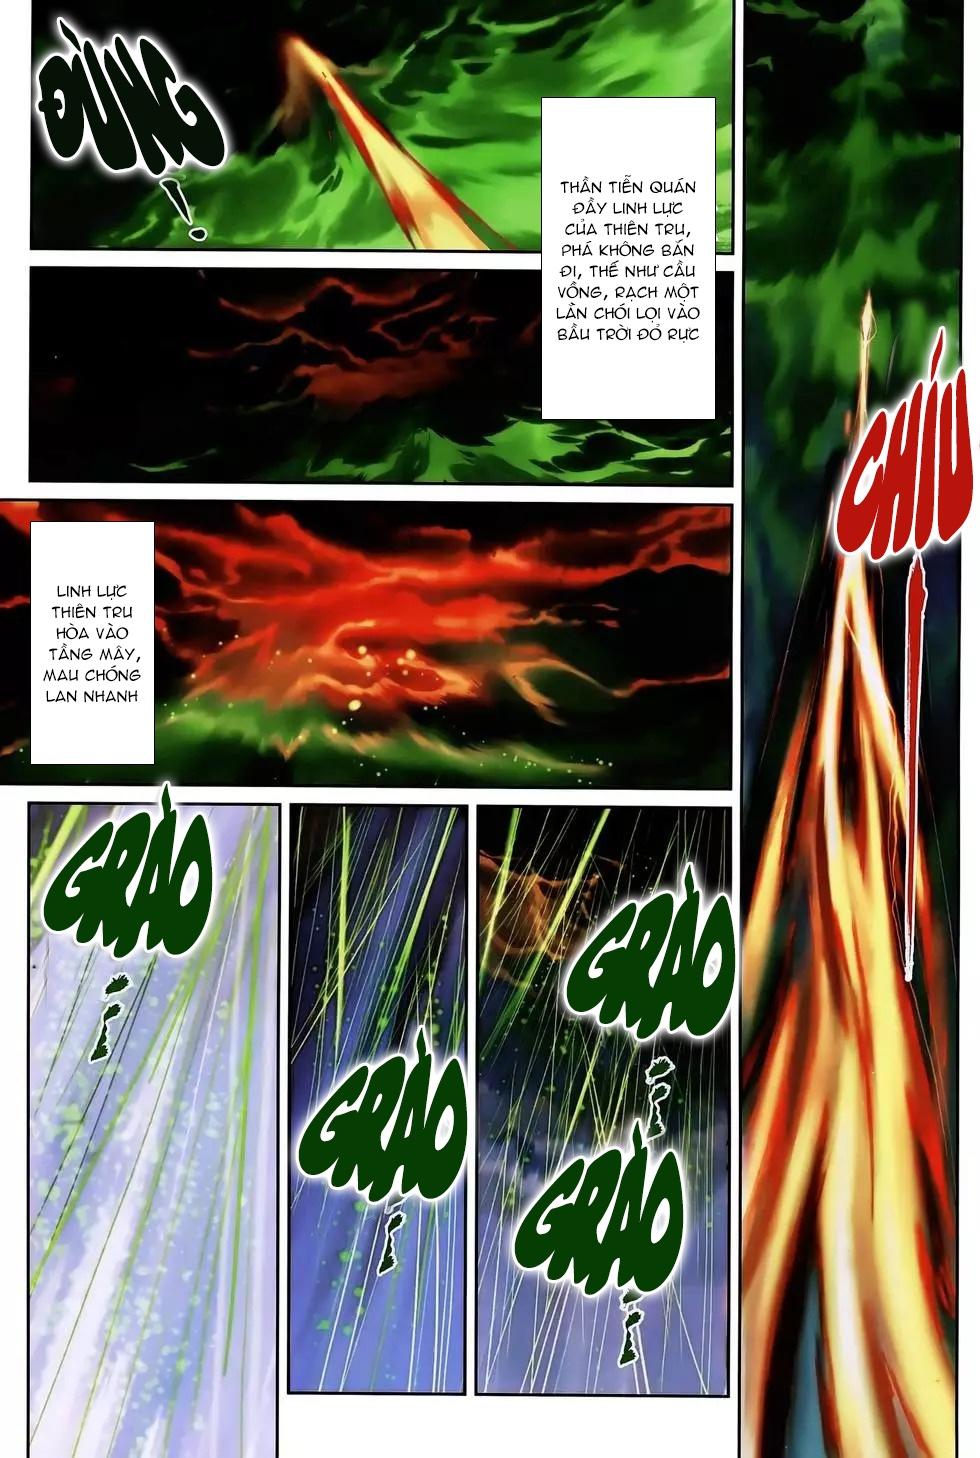 Thần binh huyền kỳ 3 - 3.5 tập 185 - 3